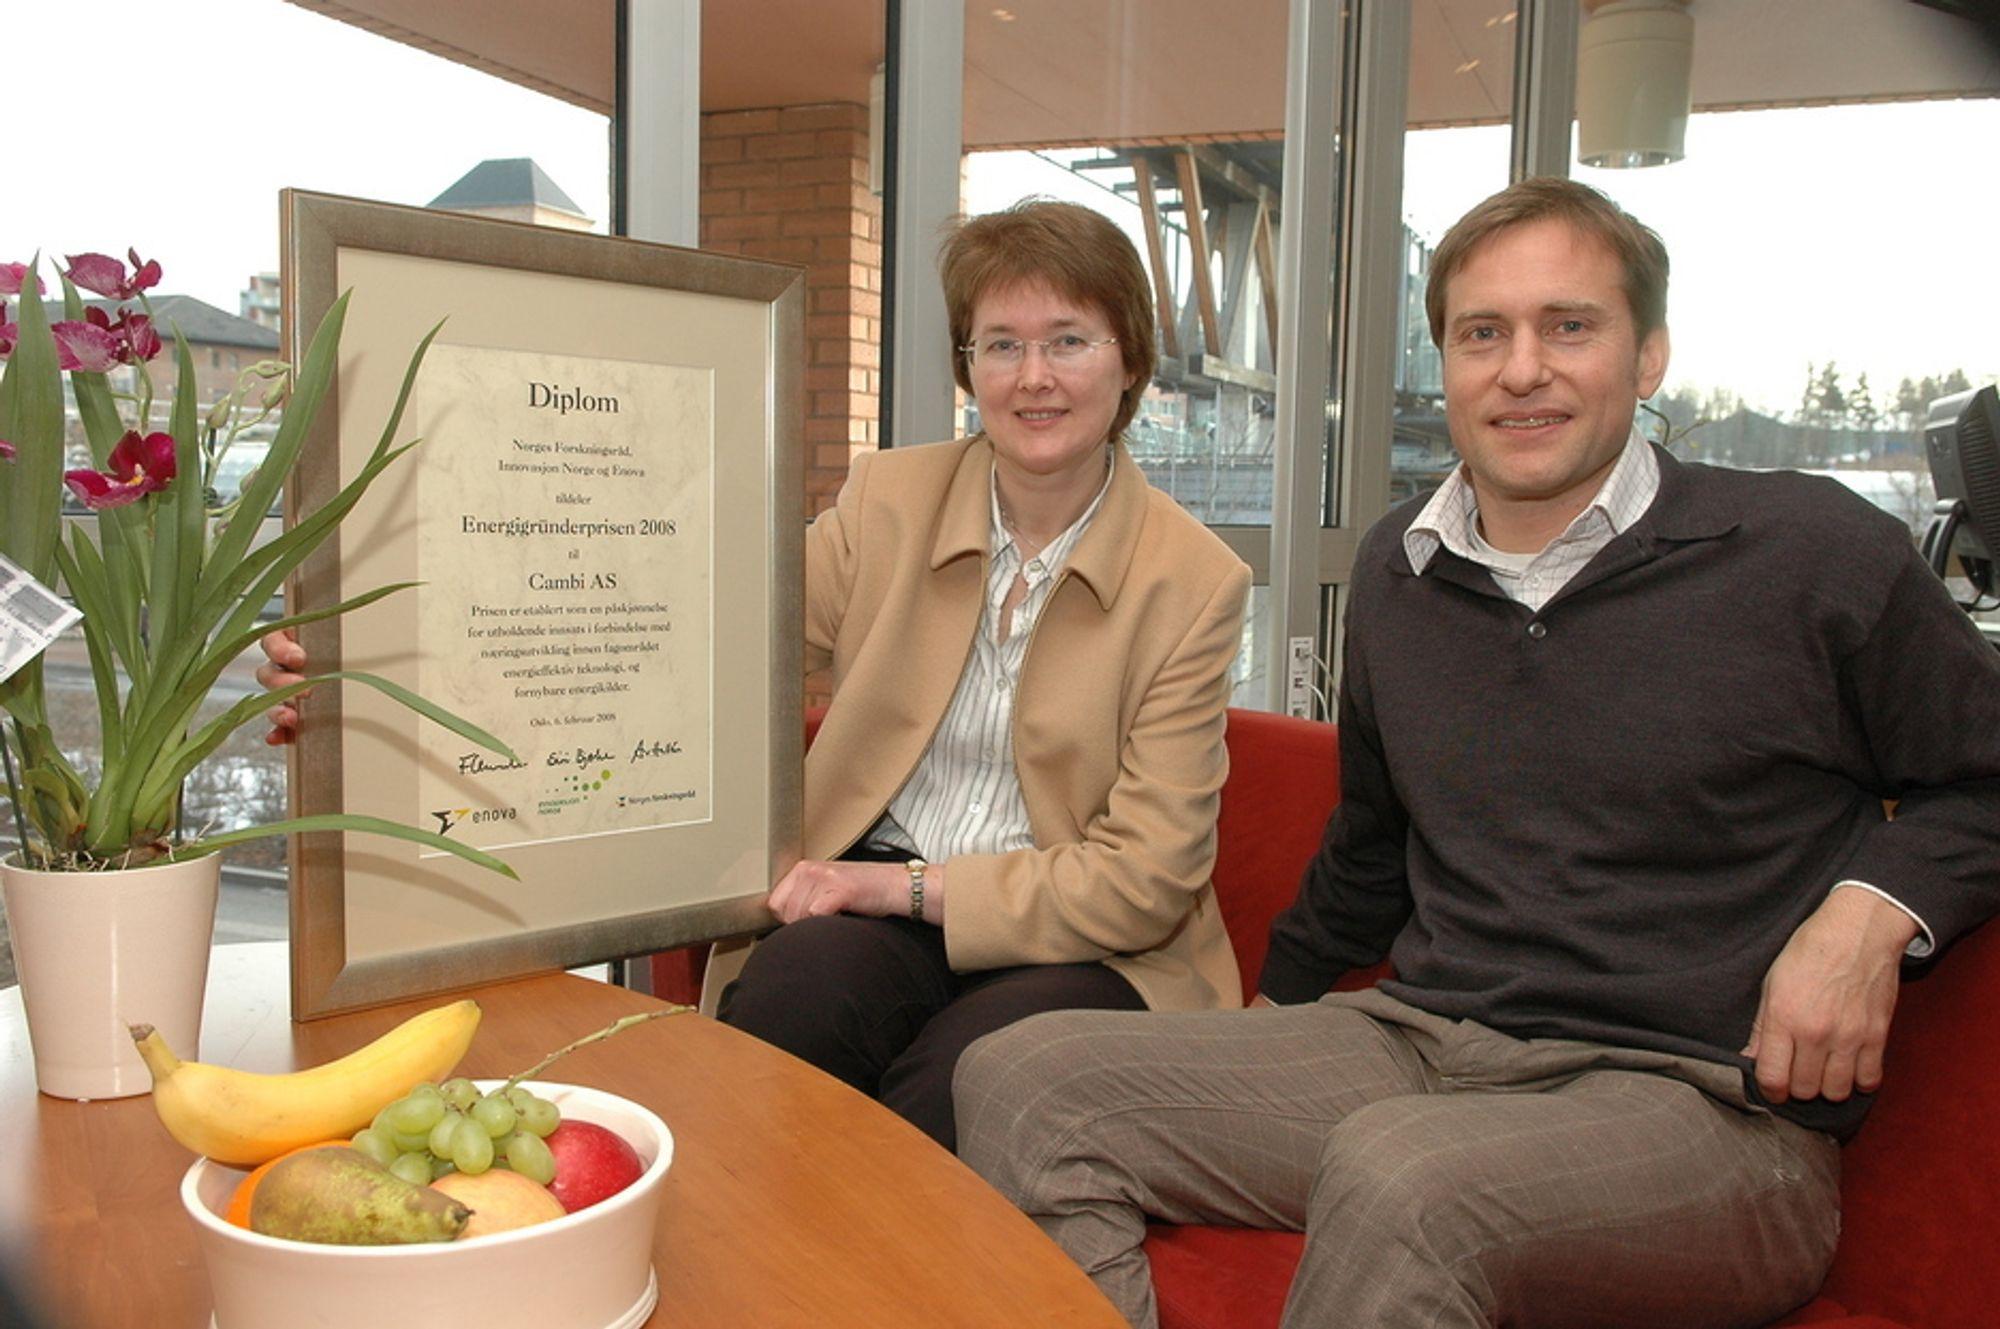 ENERGIGRÛNDER: I 2008 fikk Cambi energigründerprisen. Her med to sentrale medarbeidere, teknologidirektør Meret Norli og Harald Keiven